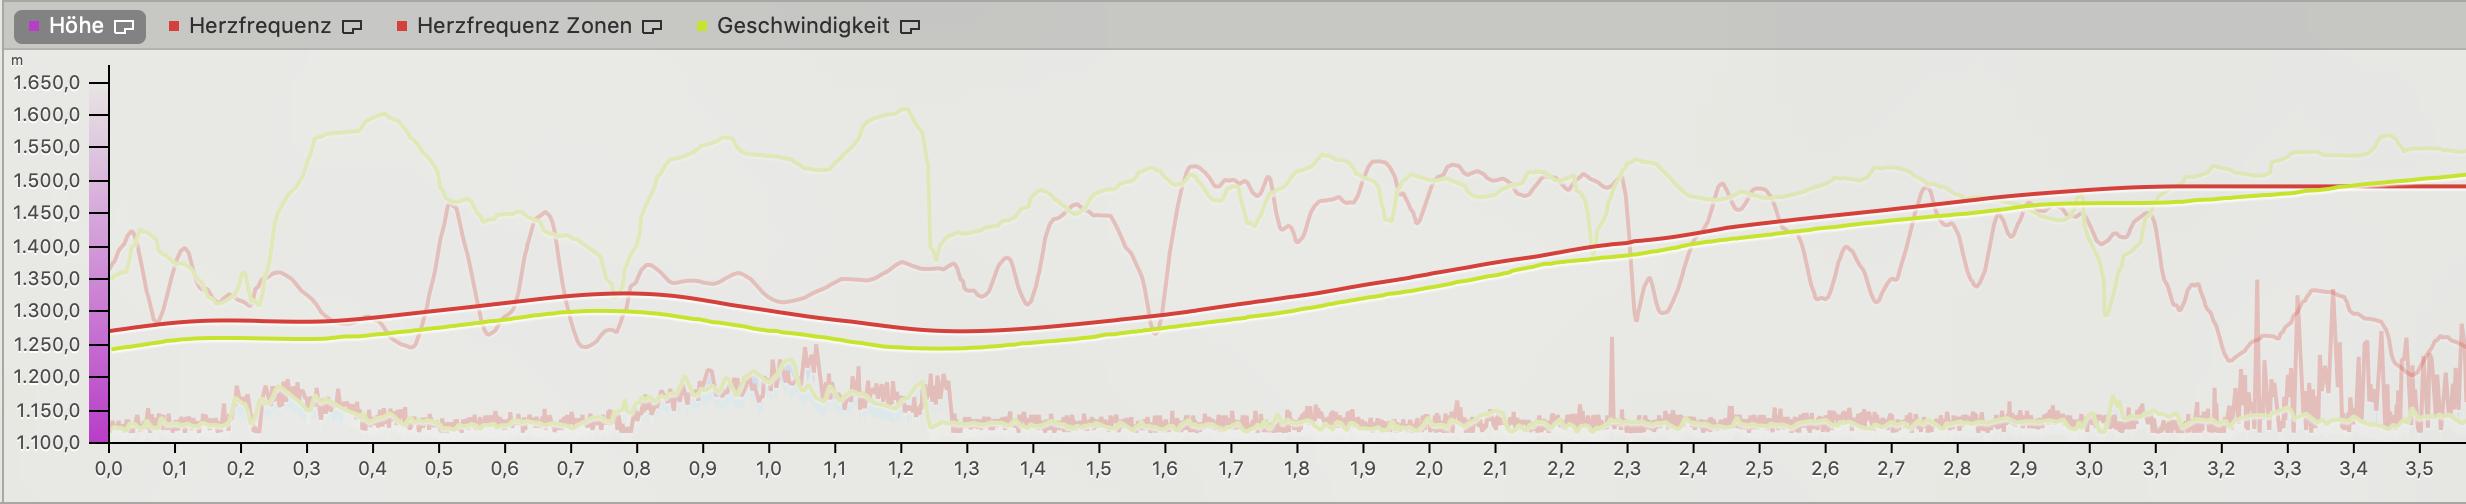 Bei der Höhenmessung liegen Garmin Edge 520+ (grün) und Polar Vantage V (rot) bis auf 26 m Offset (ohne Kalibrierung) gleich auf